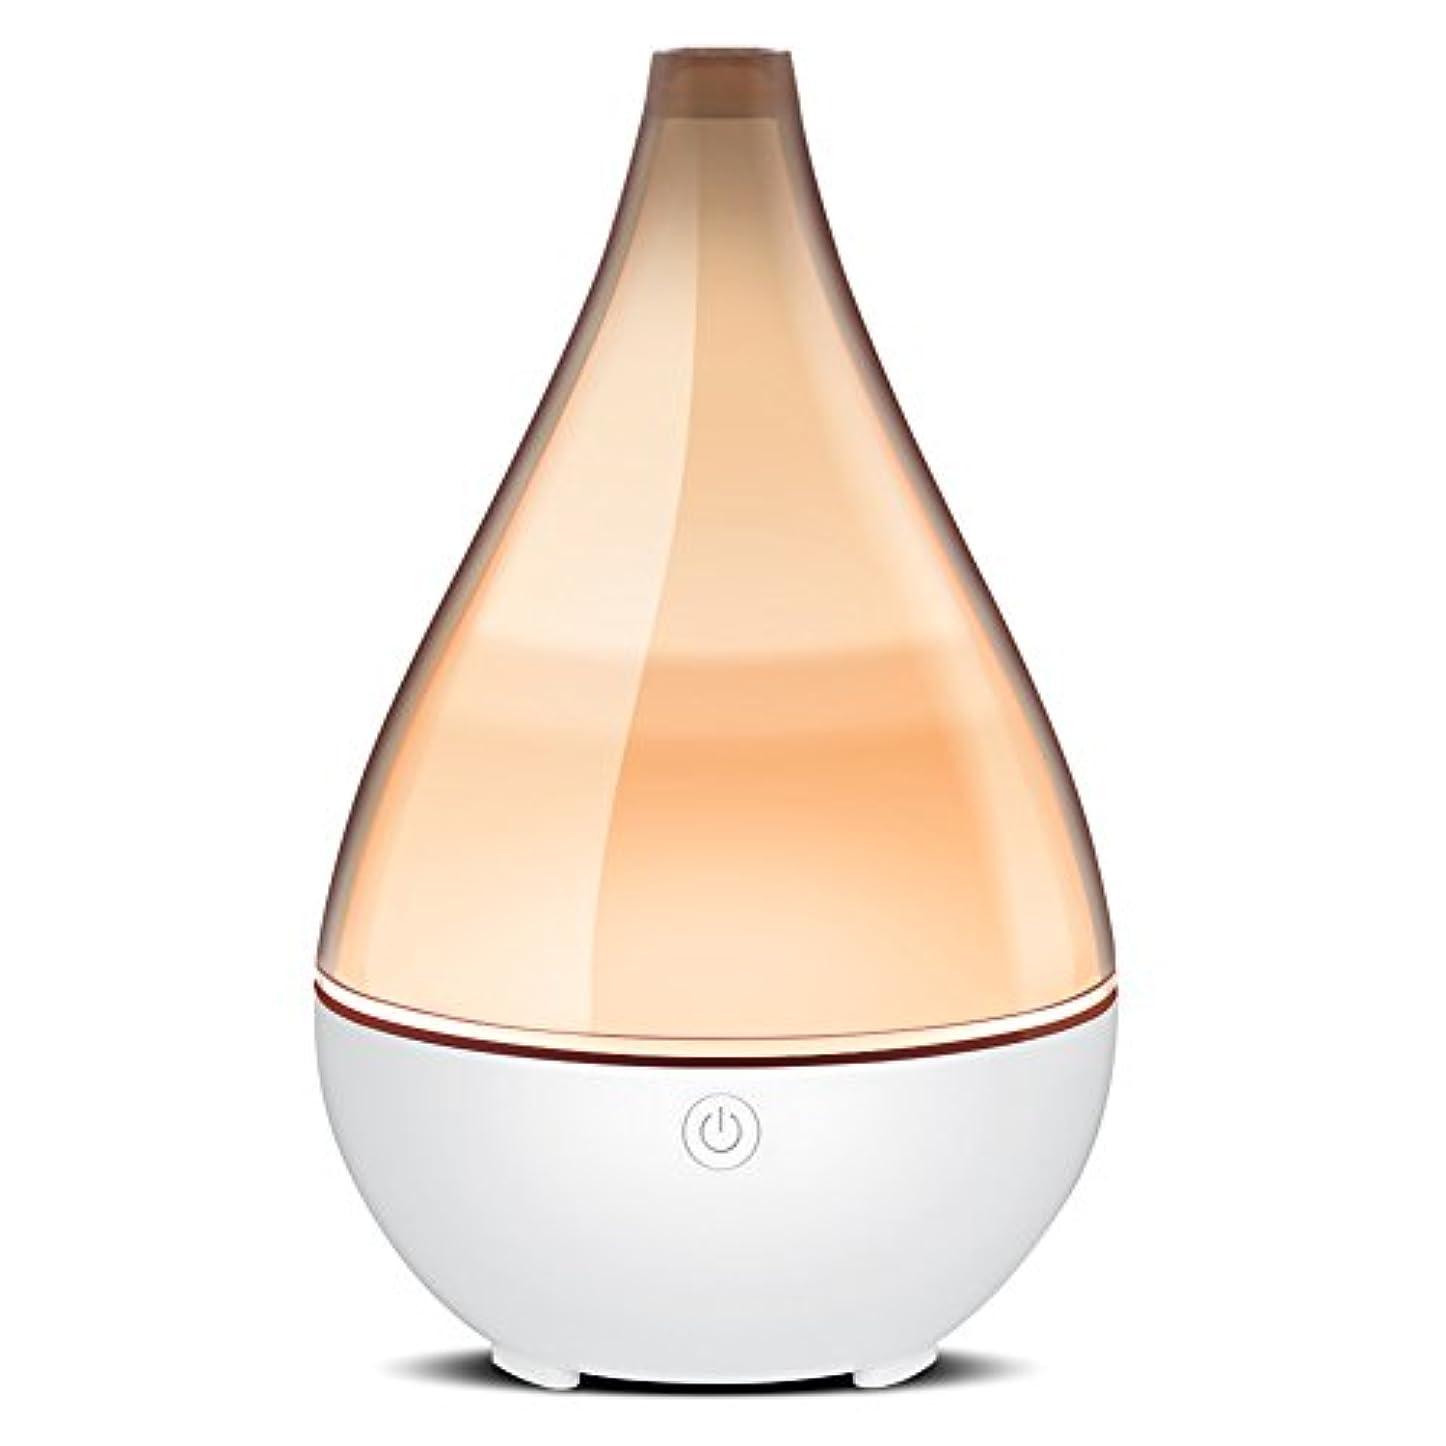 時計回りお尻主権者InnoGear ホームヨガ オフィス 用 ユニークな呼吸ライト水なしオートオフで2019花瓶形 エッセンシャルオイルディフューザーエレガントな透明カバークールミスト加湿器超音波アロマディフューザー グレー